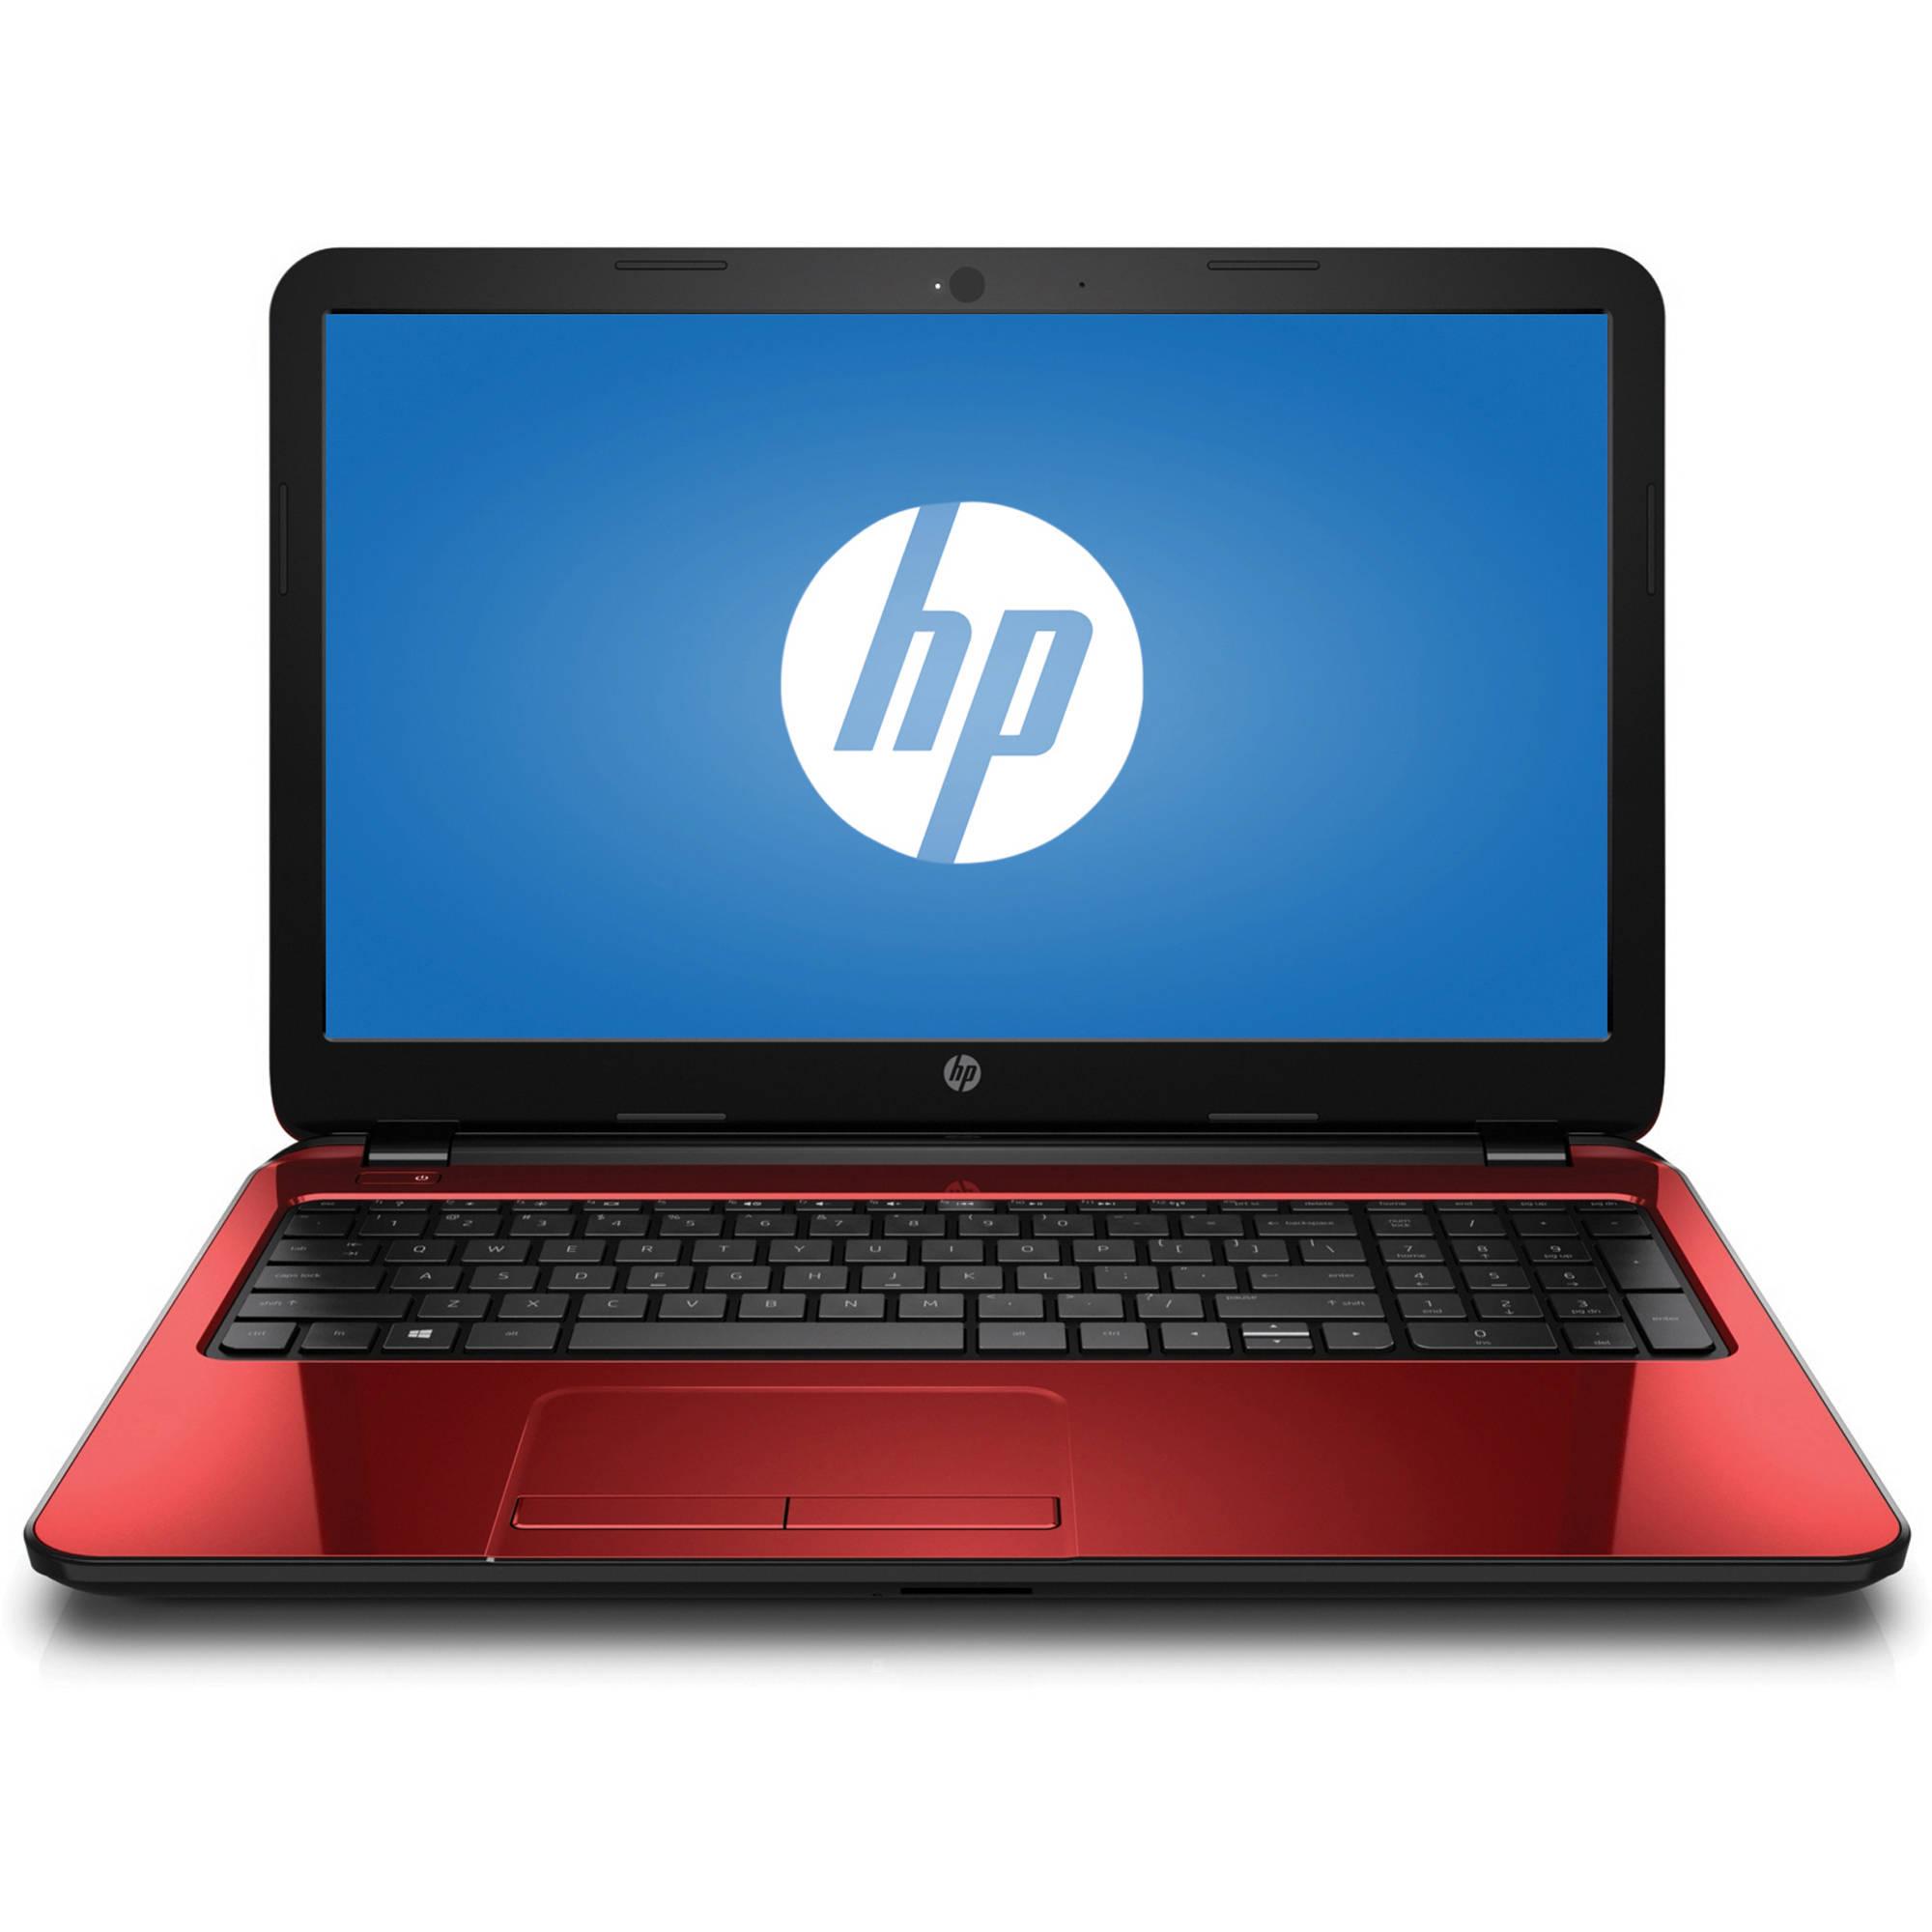 compaq computers intel inside Laptop hp-compaq cpu intel thế hệ 8 4gb, ổ cứng ssd: 128gb đồ họa: intel uhd graphics 620 hđh: windows 10, dvd: không nặng 123 kg, pin 6 cell.